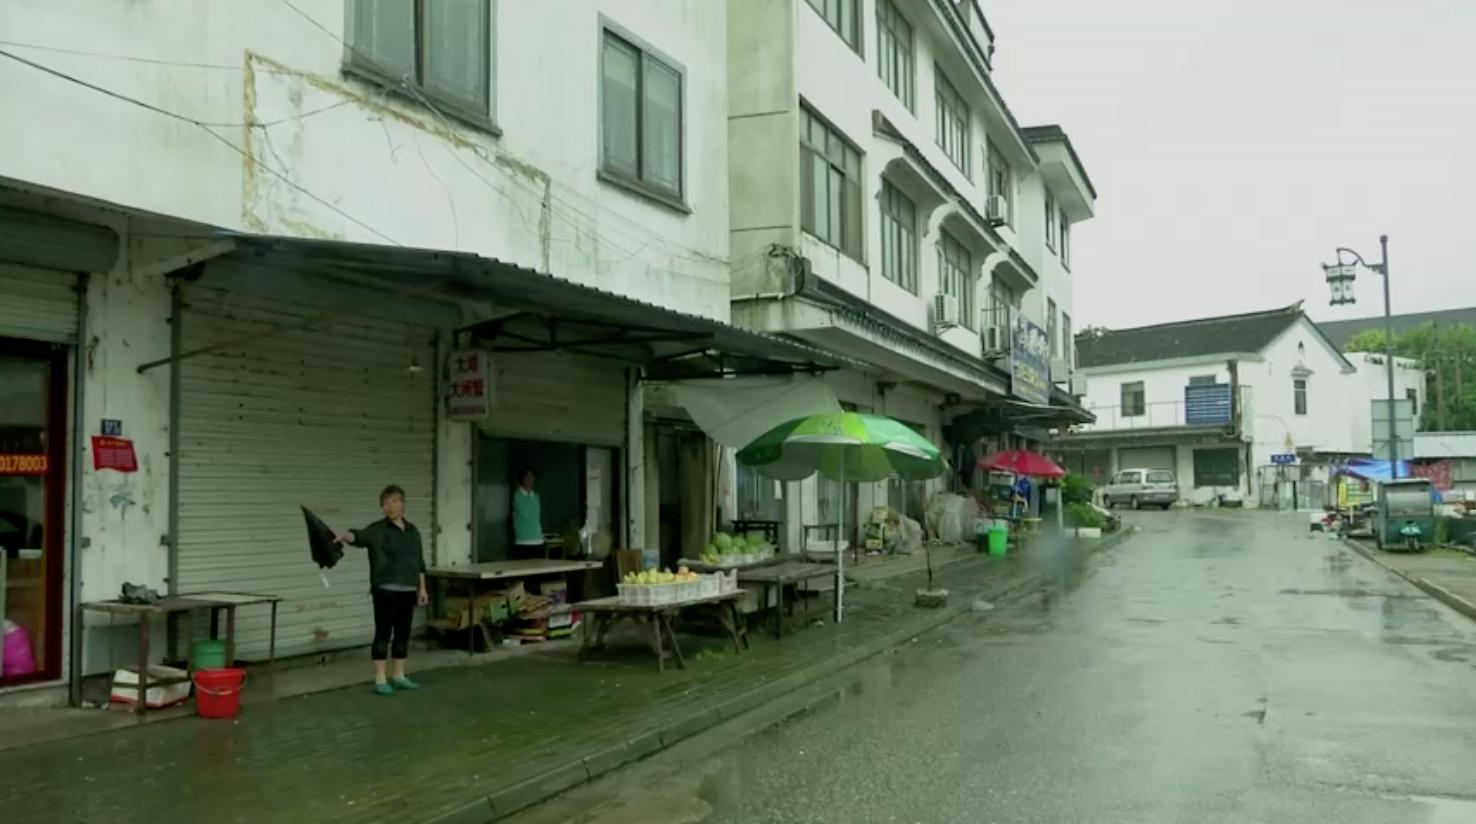 Cư dân tại hồ khổng lồ của Trung Cộng không lo lắng khi lượng mưa vượt mức kỷ lục